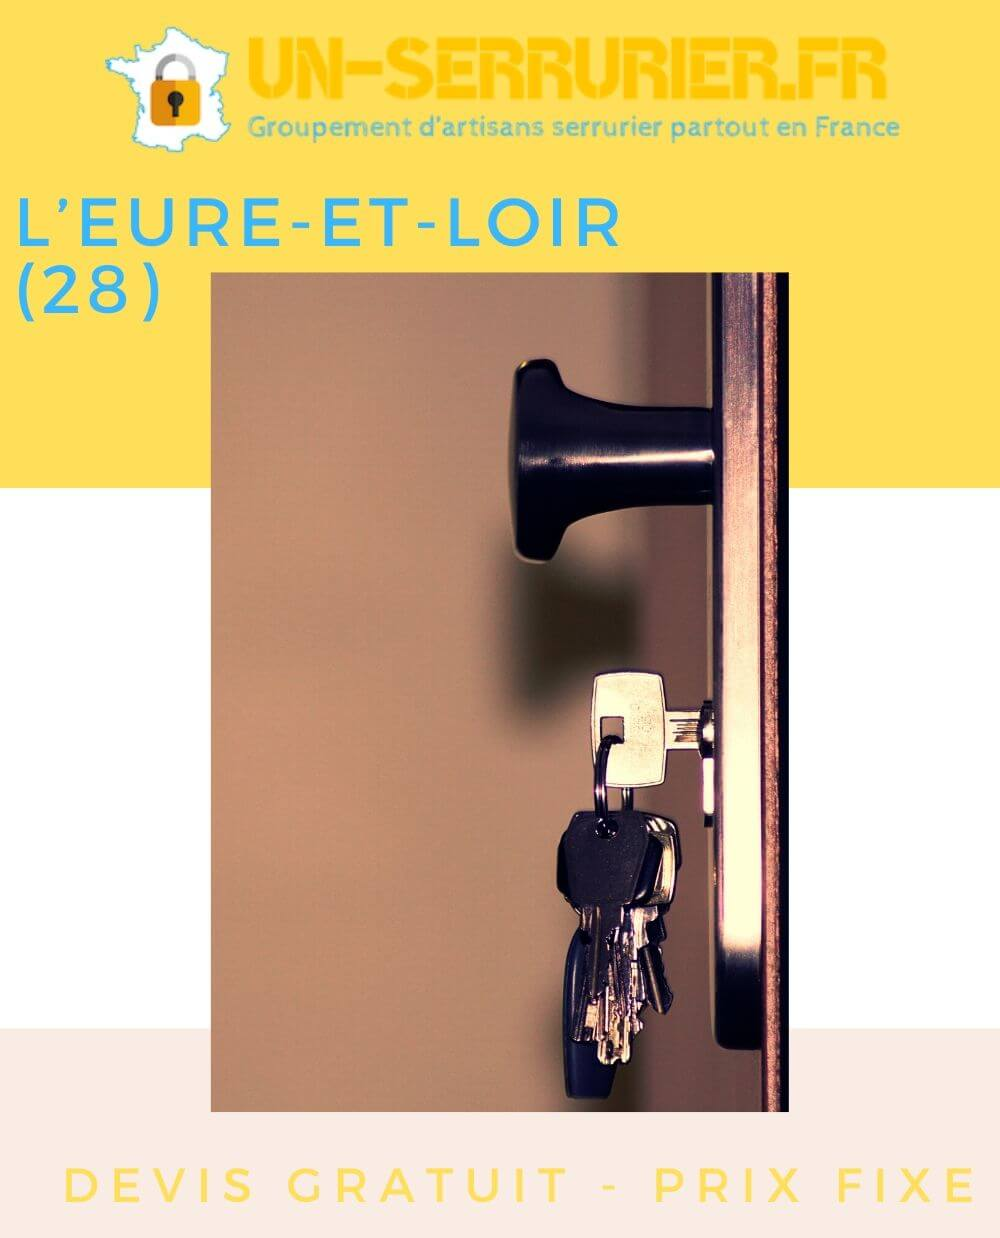 serruriers département de l'Eure-et-Loir (28)